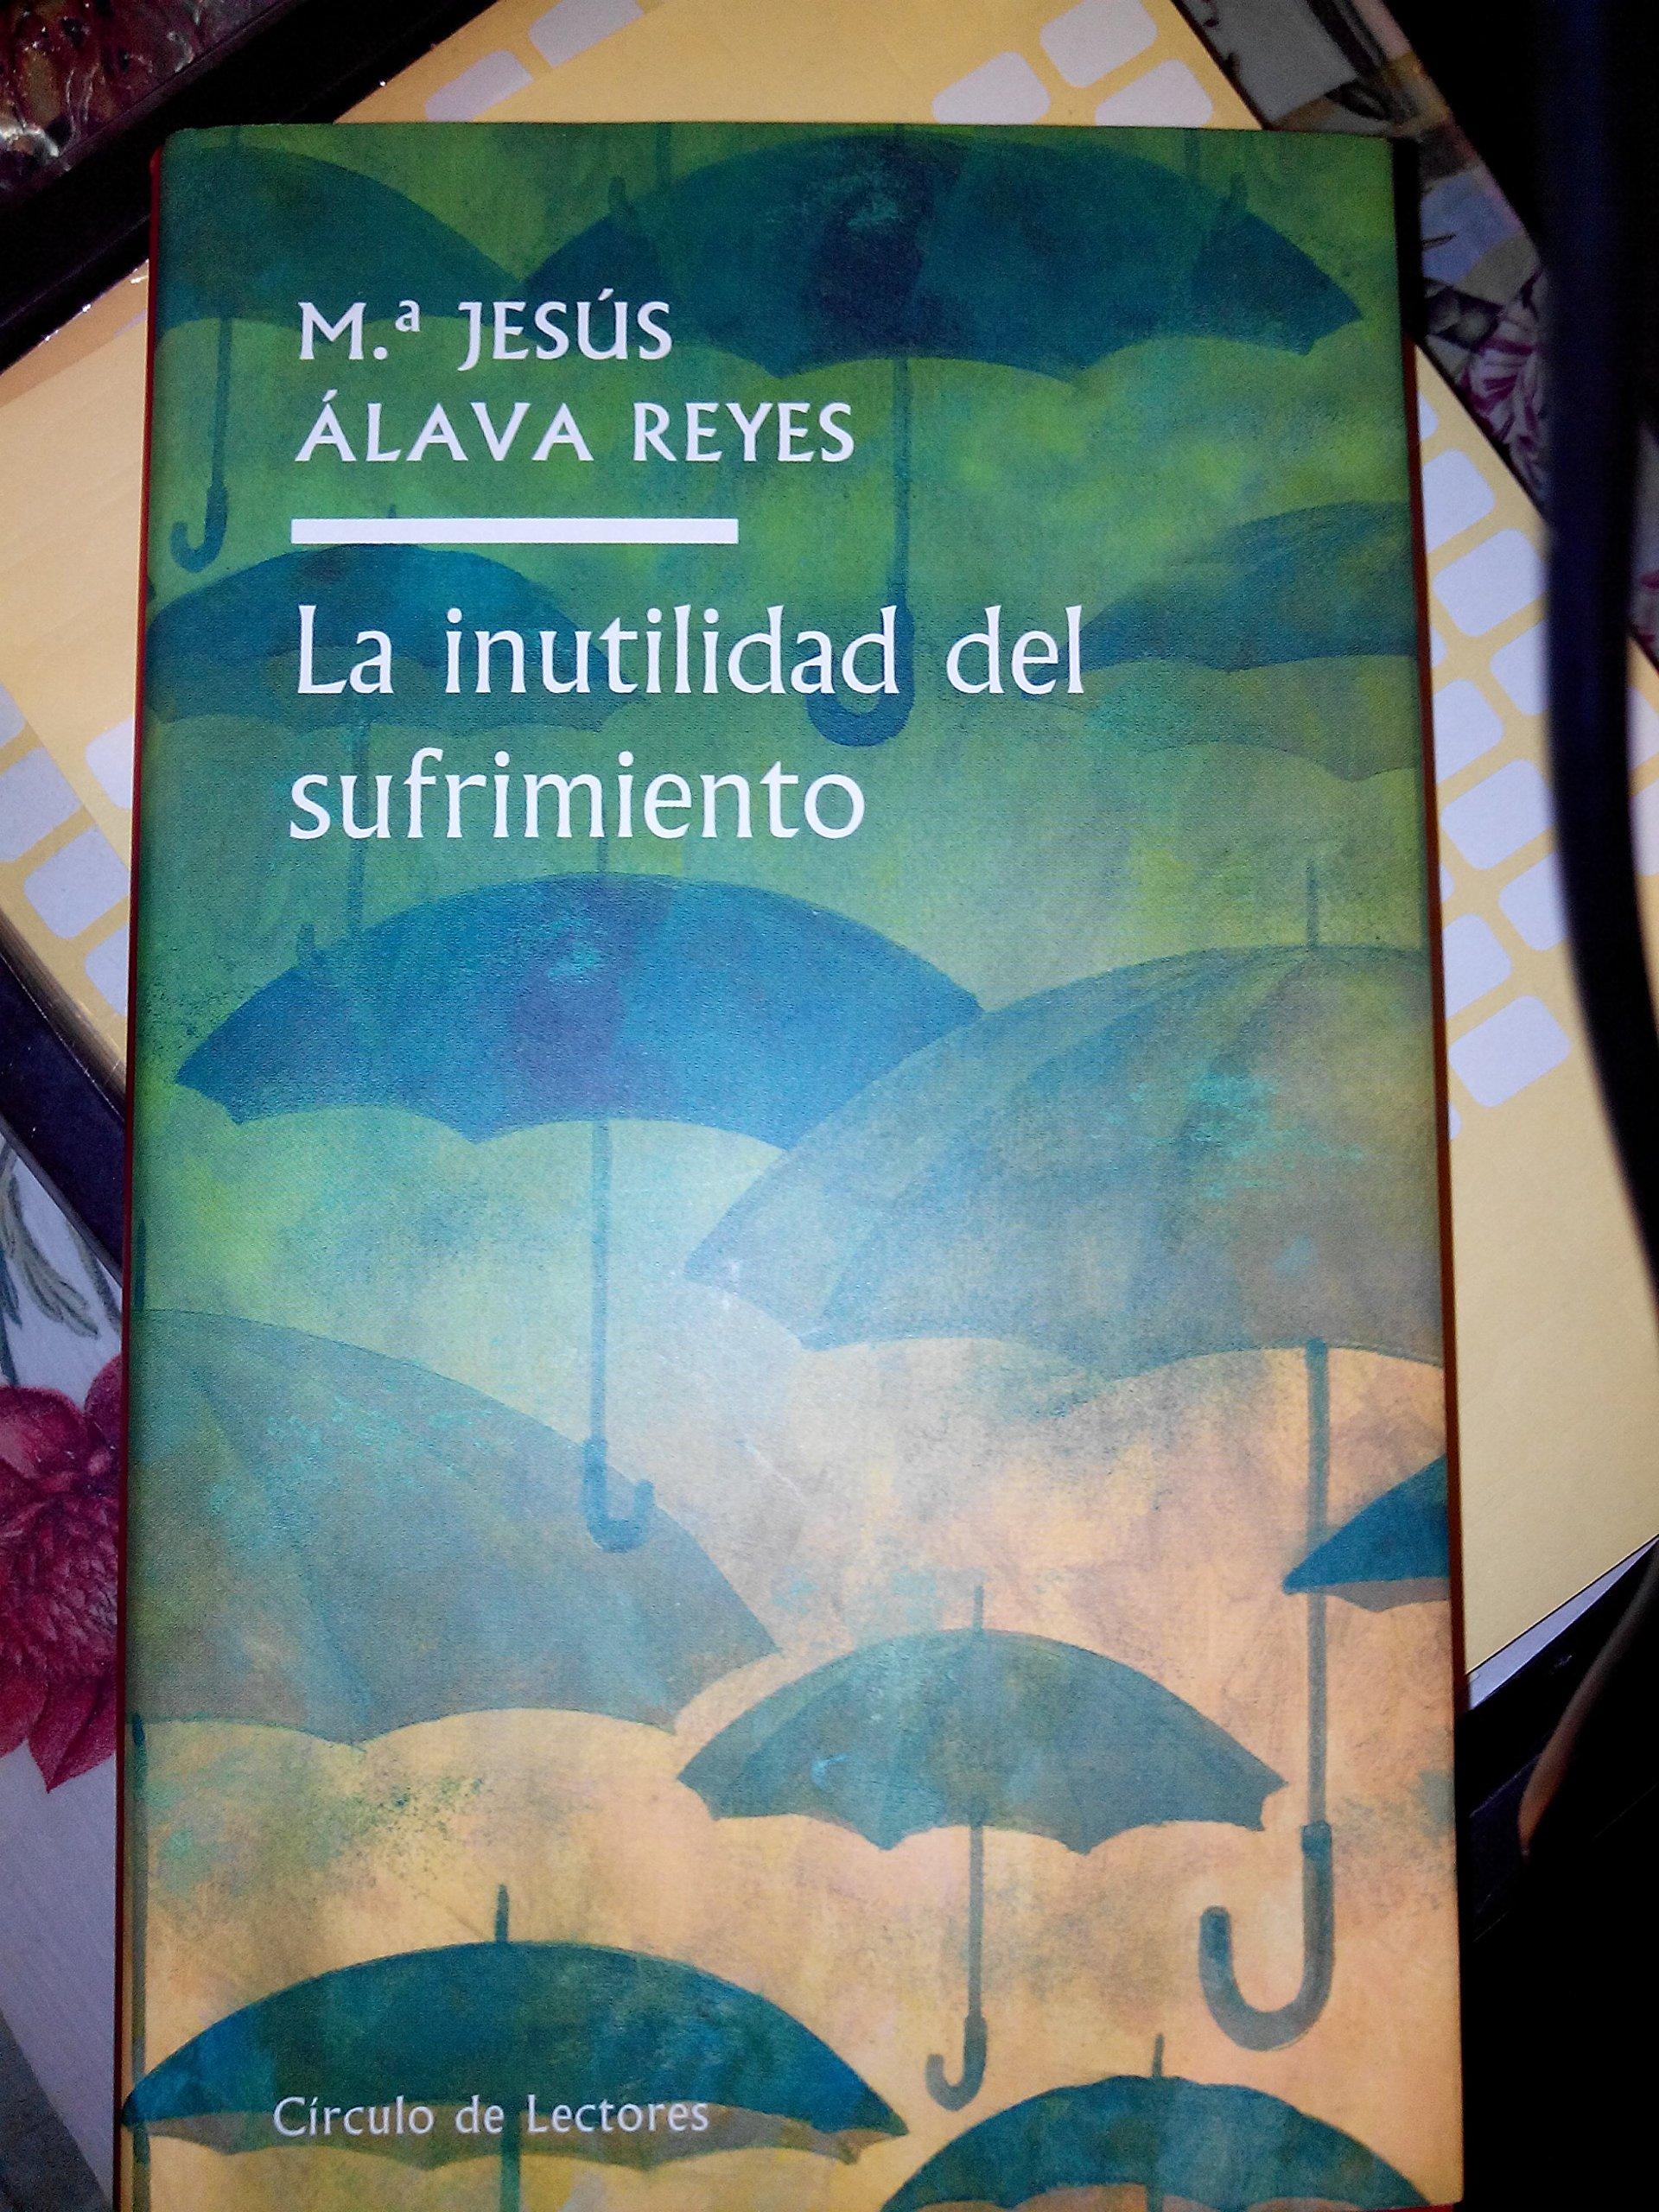 La inutilidad del sufrimiento. Claves para aprender a vivir de manera  positiva: Amazon.es: MARIA JESUS ALAVA REYES: Libros